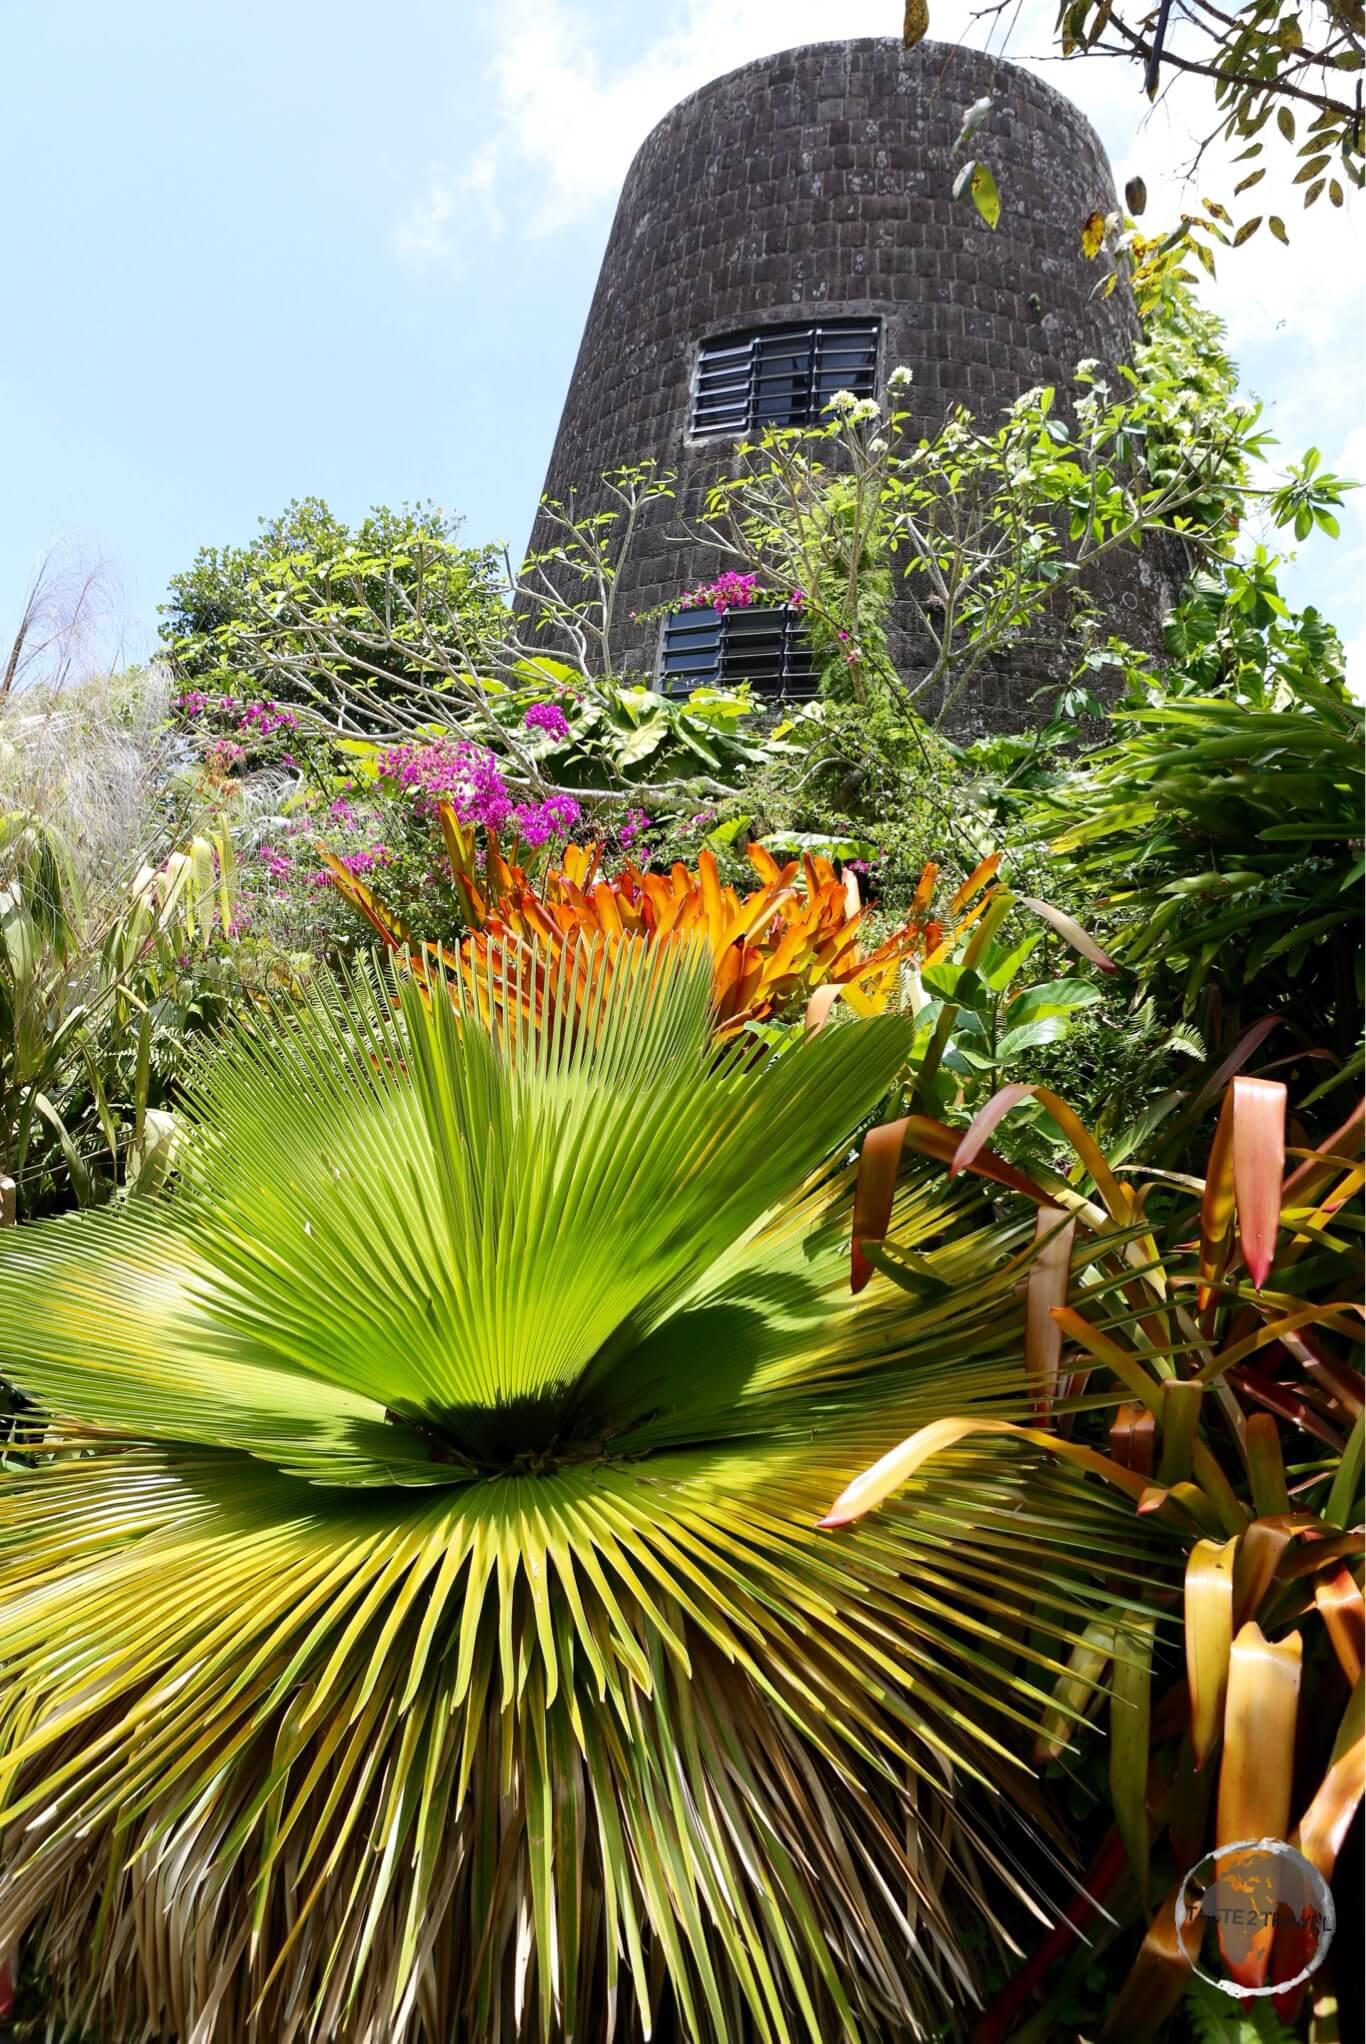 The garden at Golden Rock Inn.